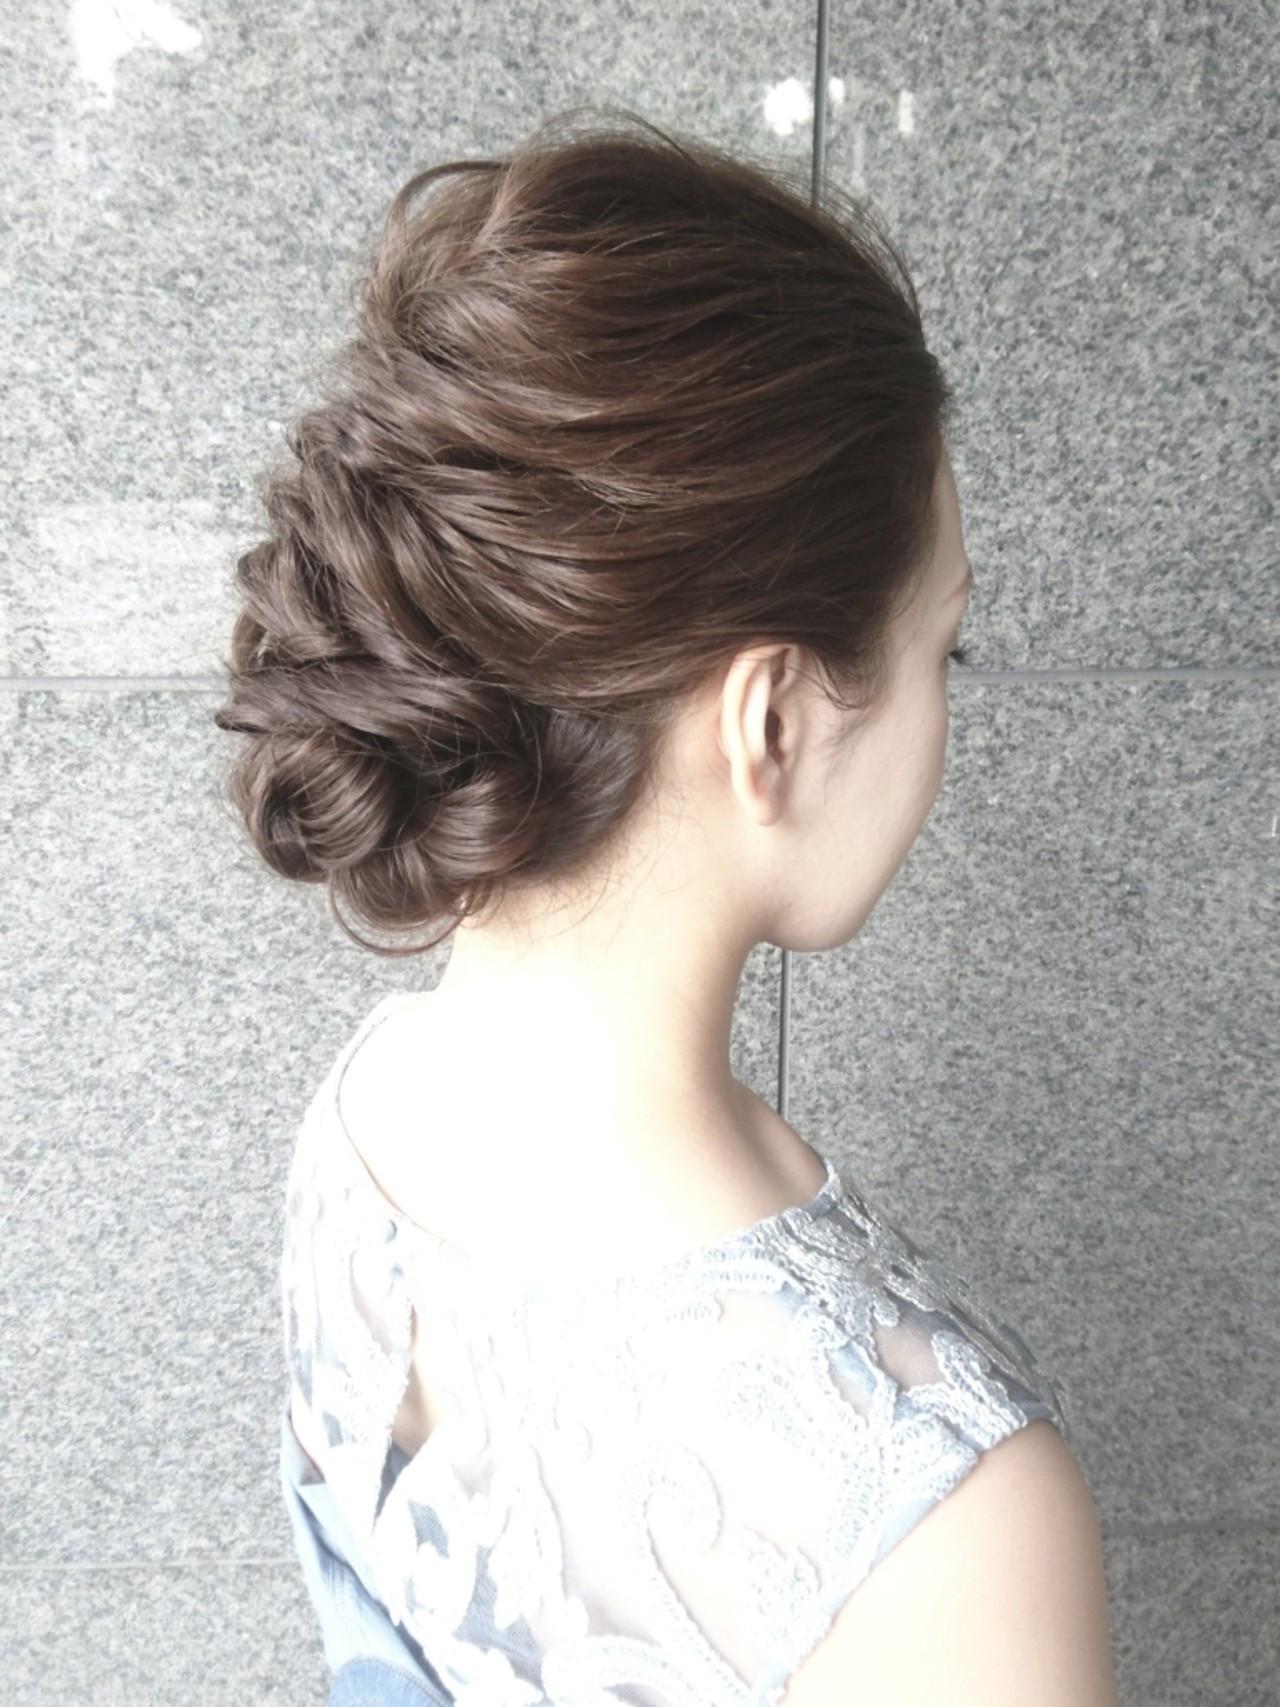 エレガント ブライダル 結婚式 ロング ヘアスタイルや髪型の写真・画像